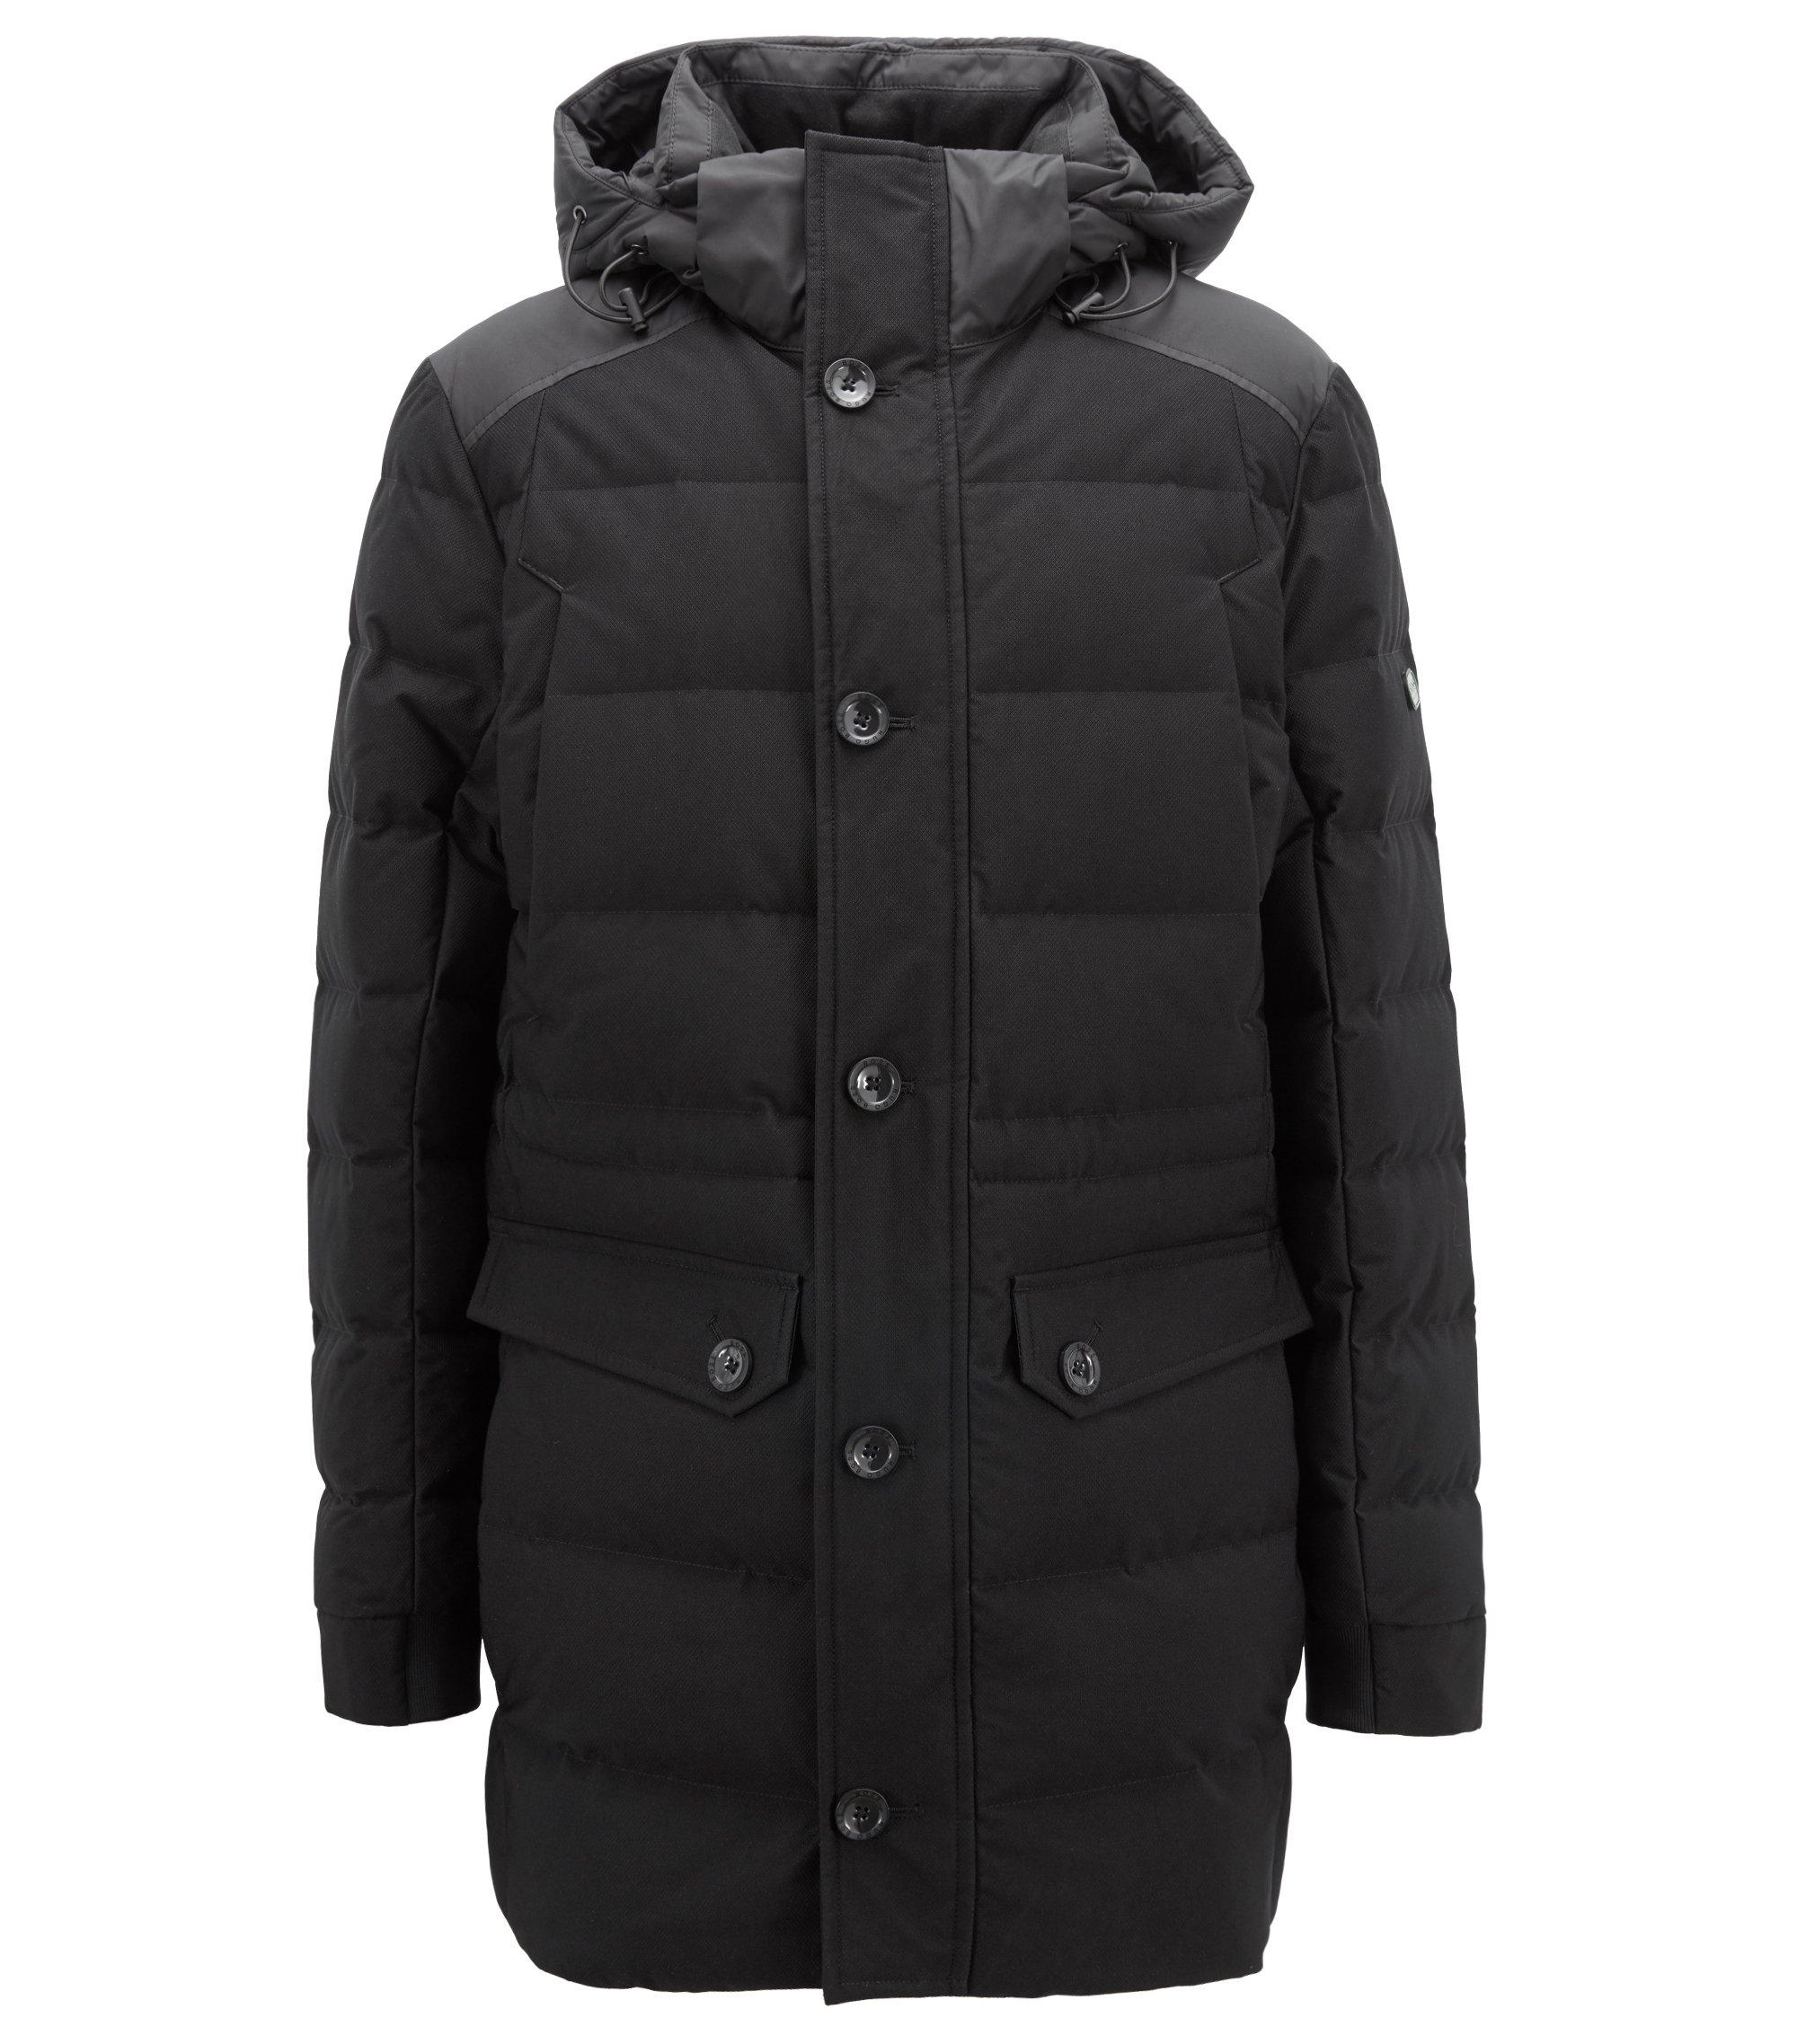 Waterafstotende mantel met donsvulling en bescherming tegen elektromagnetische straling, Zwart